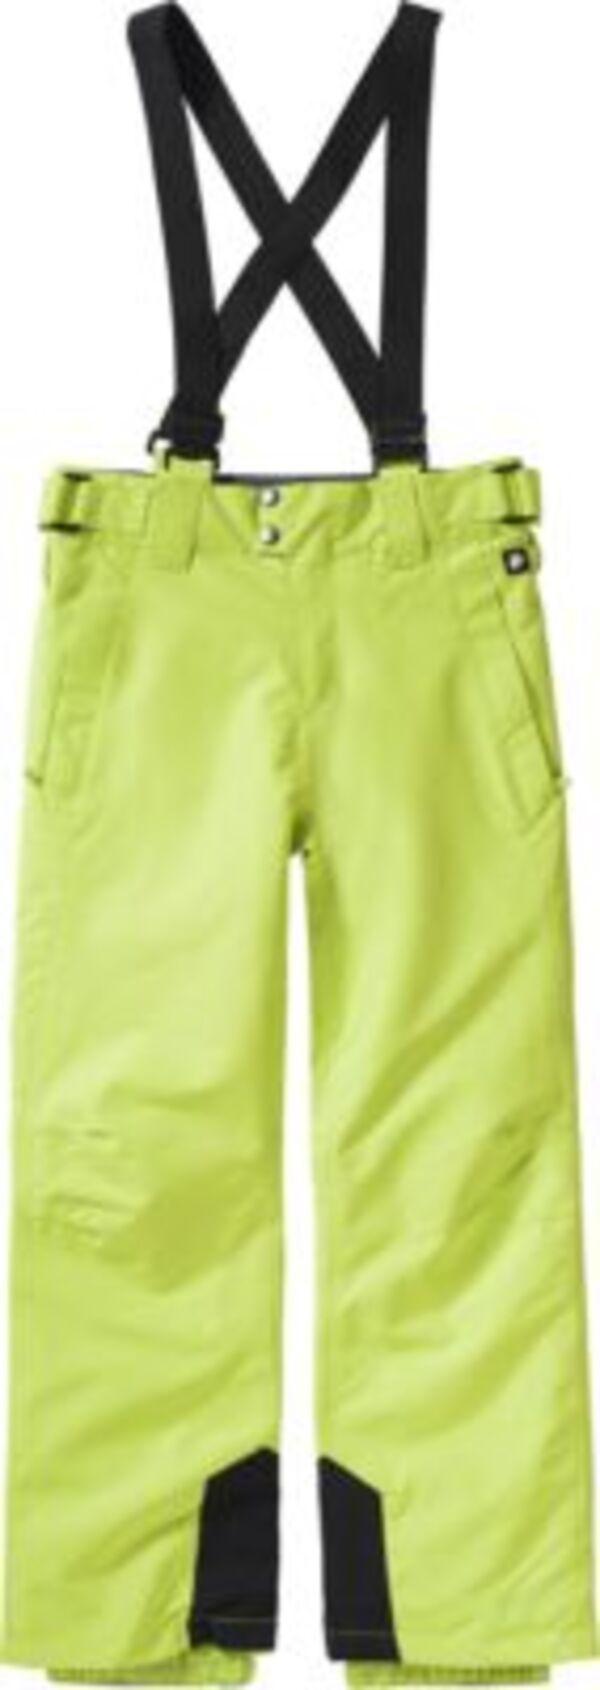 Skihose BORK  neongrün Gr. 176 Jungen Kinder